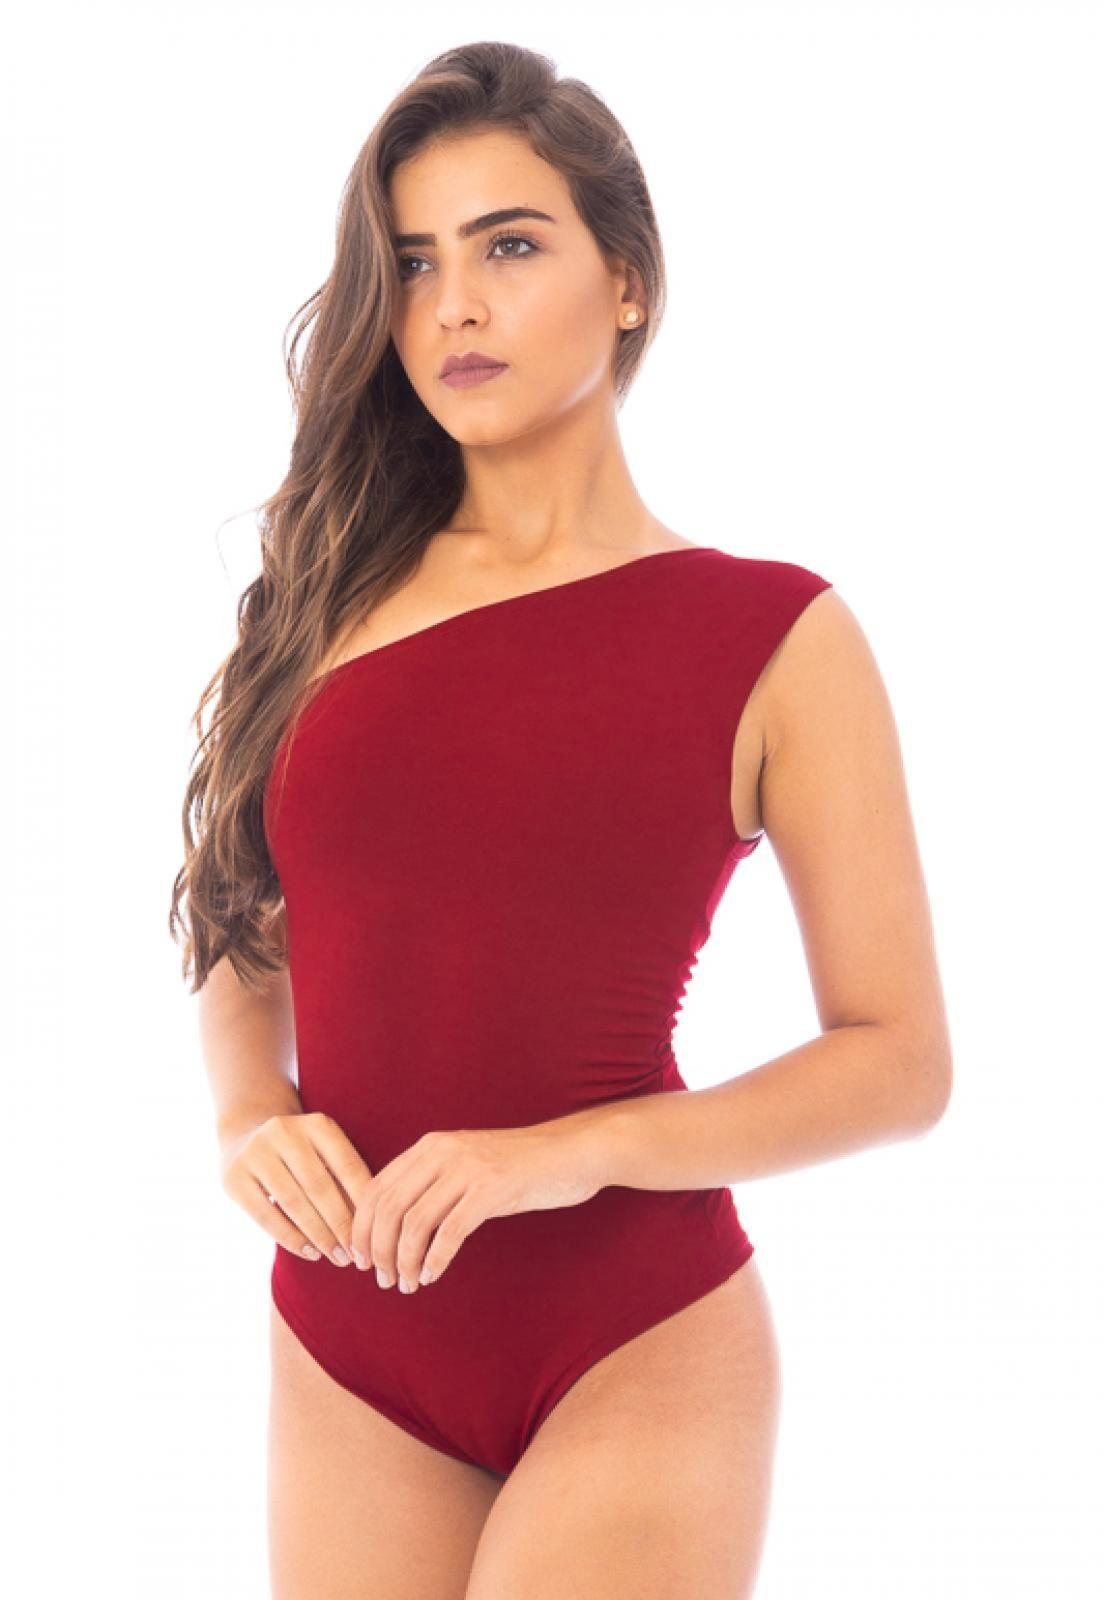 Body Moda Vicio Um Ombro So Vermelho Moda Ideias Fashion